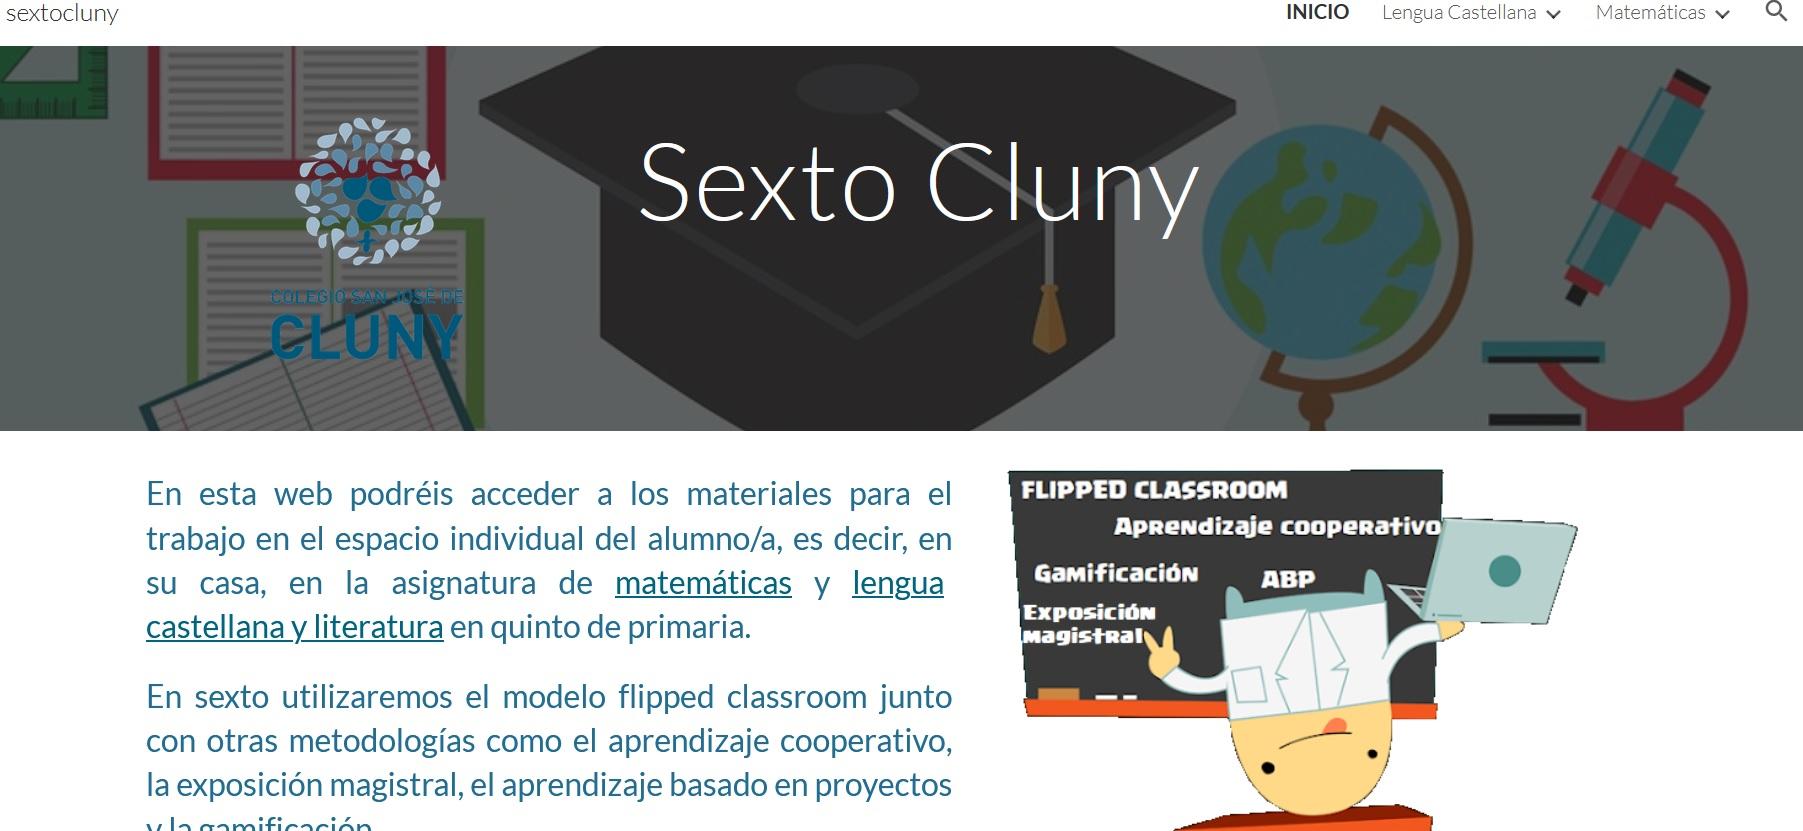 blog6cluny